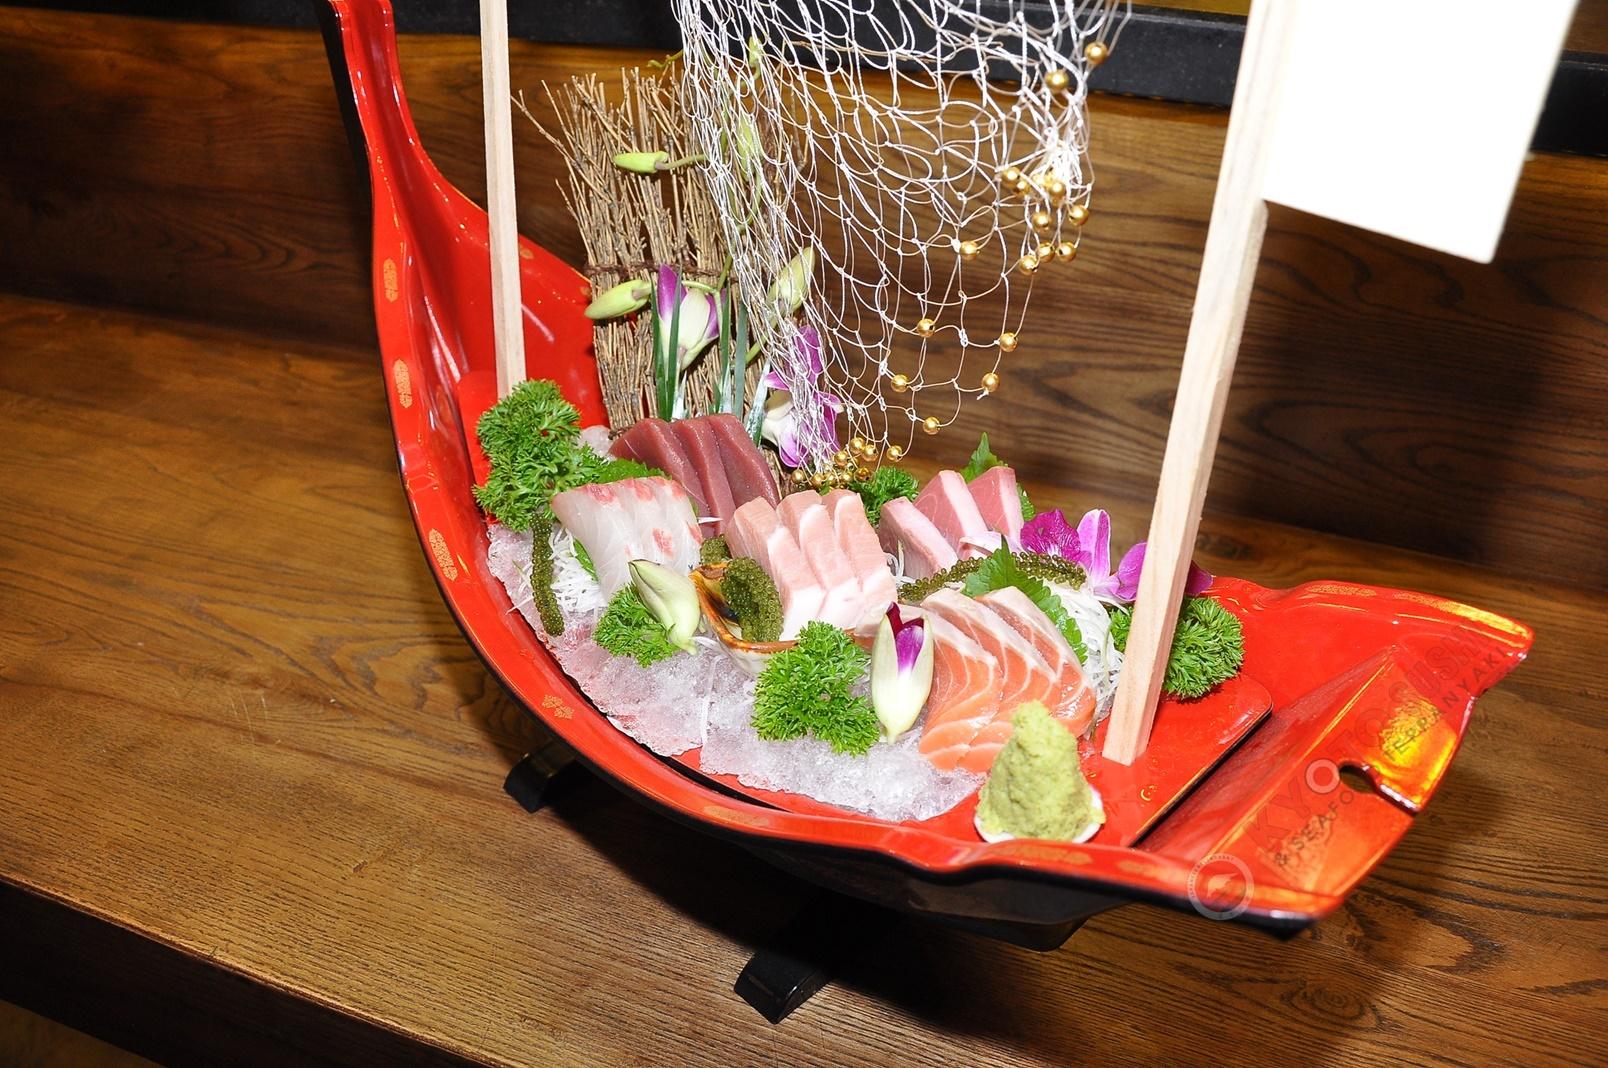 Ẩm thực Nhật Bản tốt cho sức khỏe